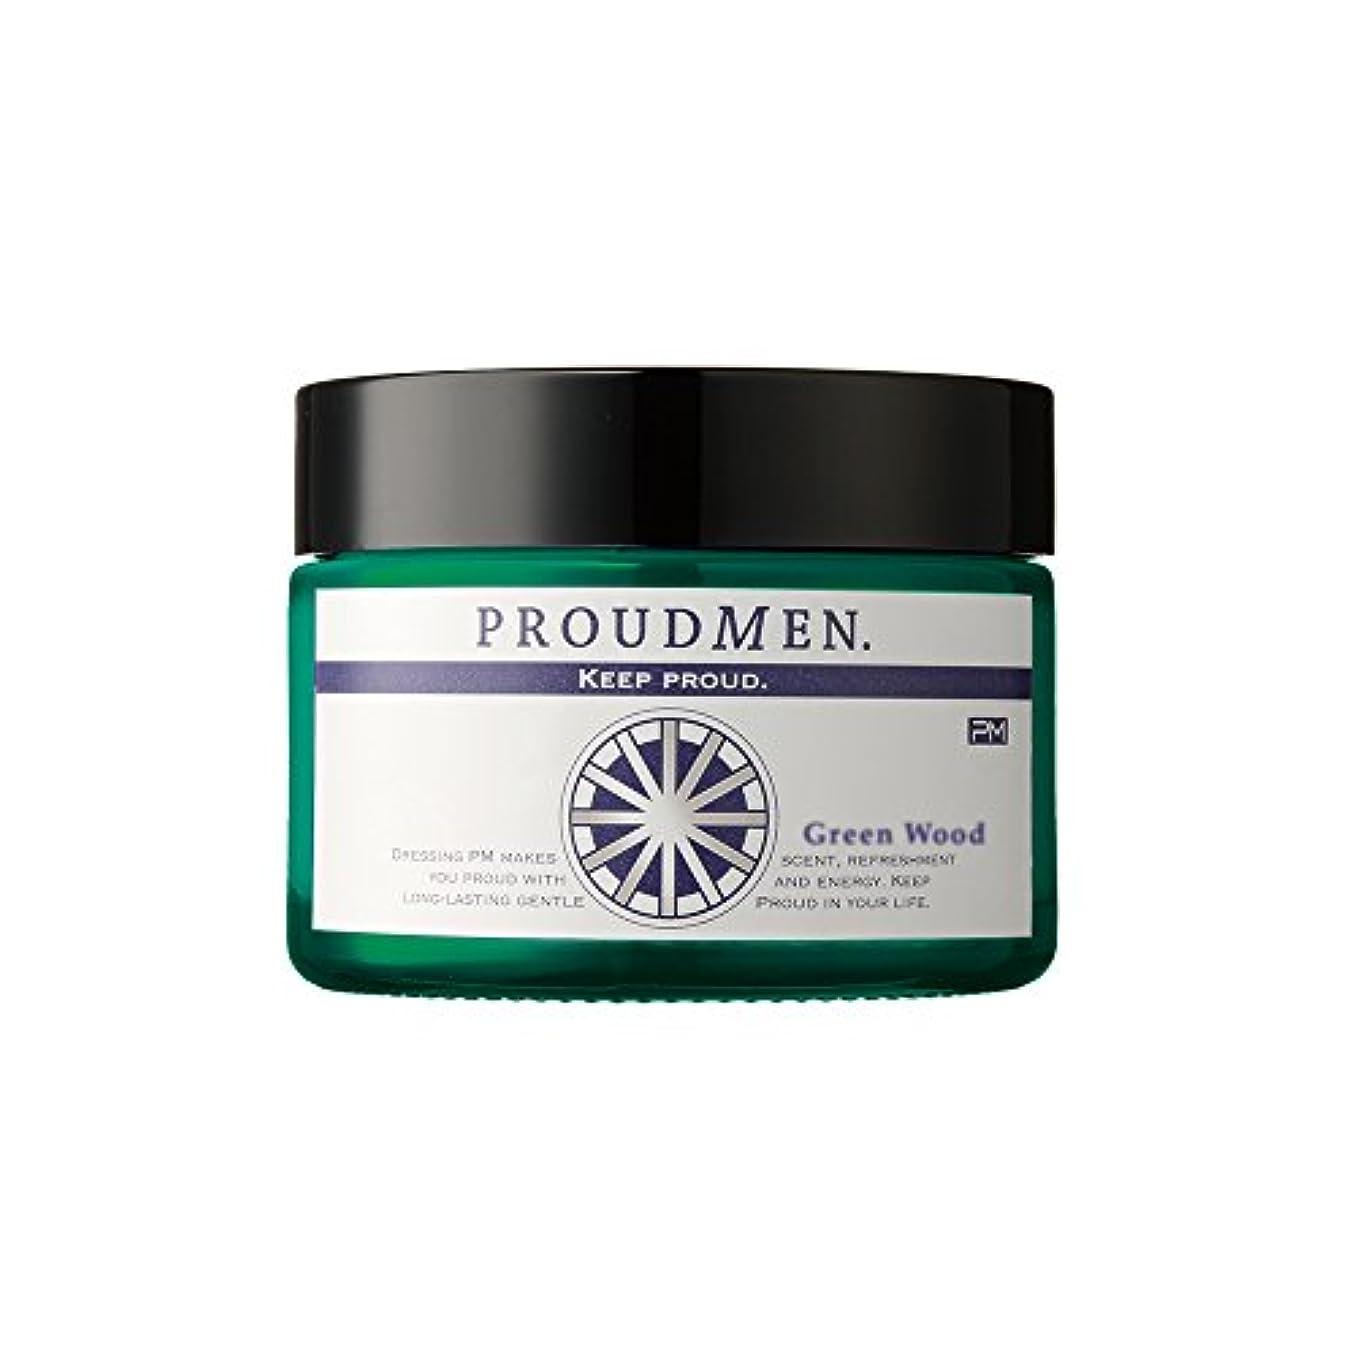 プラウドメン グルーミングバームGW 40g (グリーンウッドの香り) 香水?フレグランスクリーム